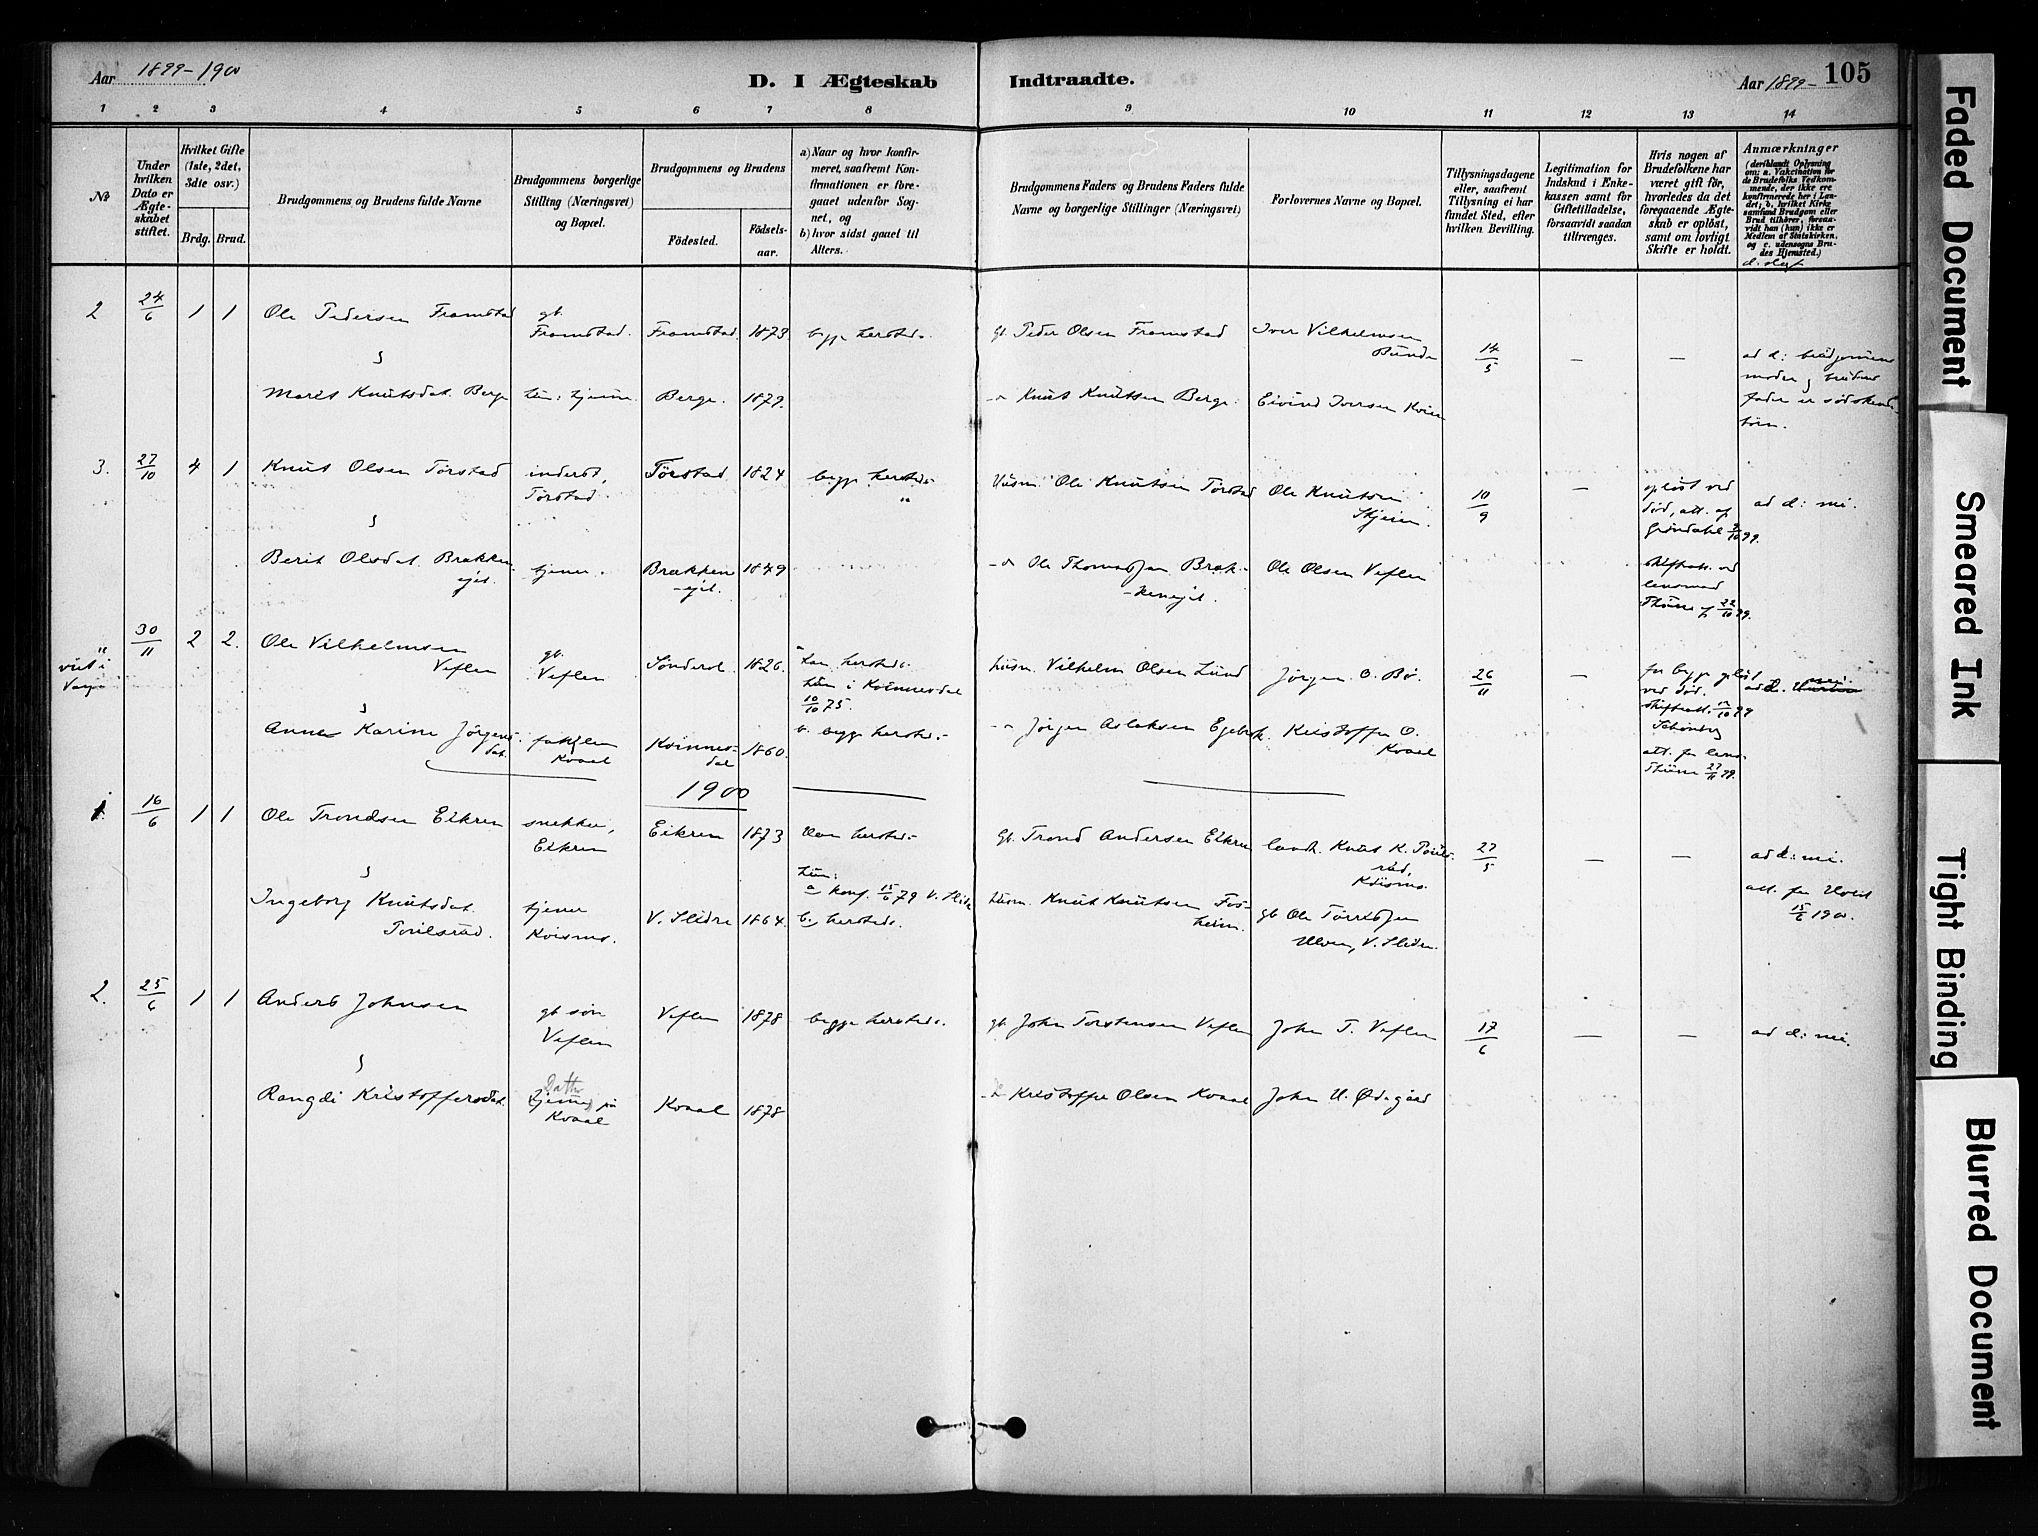 SAH, Vang prestekontor, Valdres, Ministerialbok nr. 9, 1882-1914, s. 105